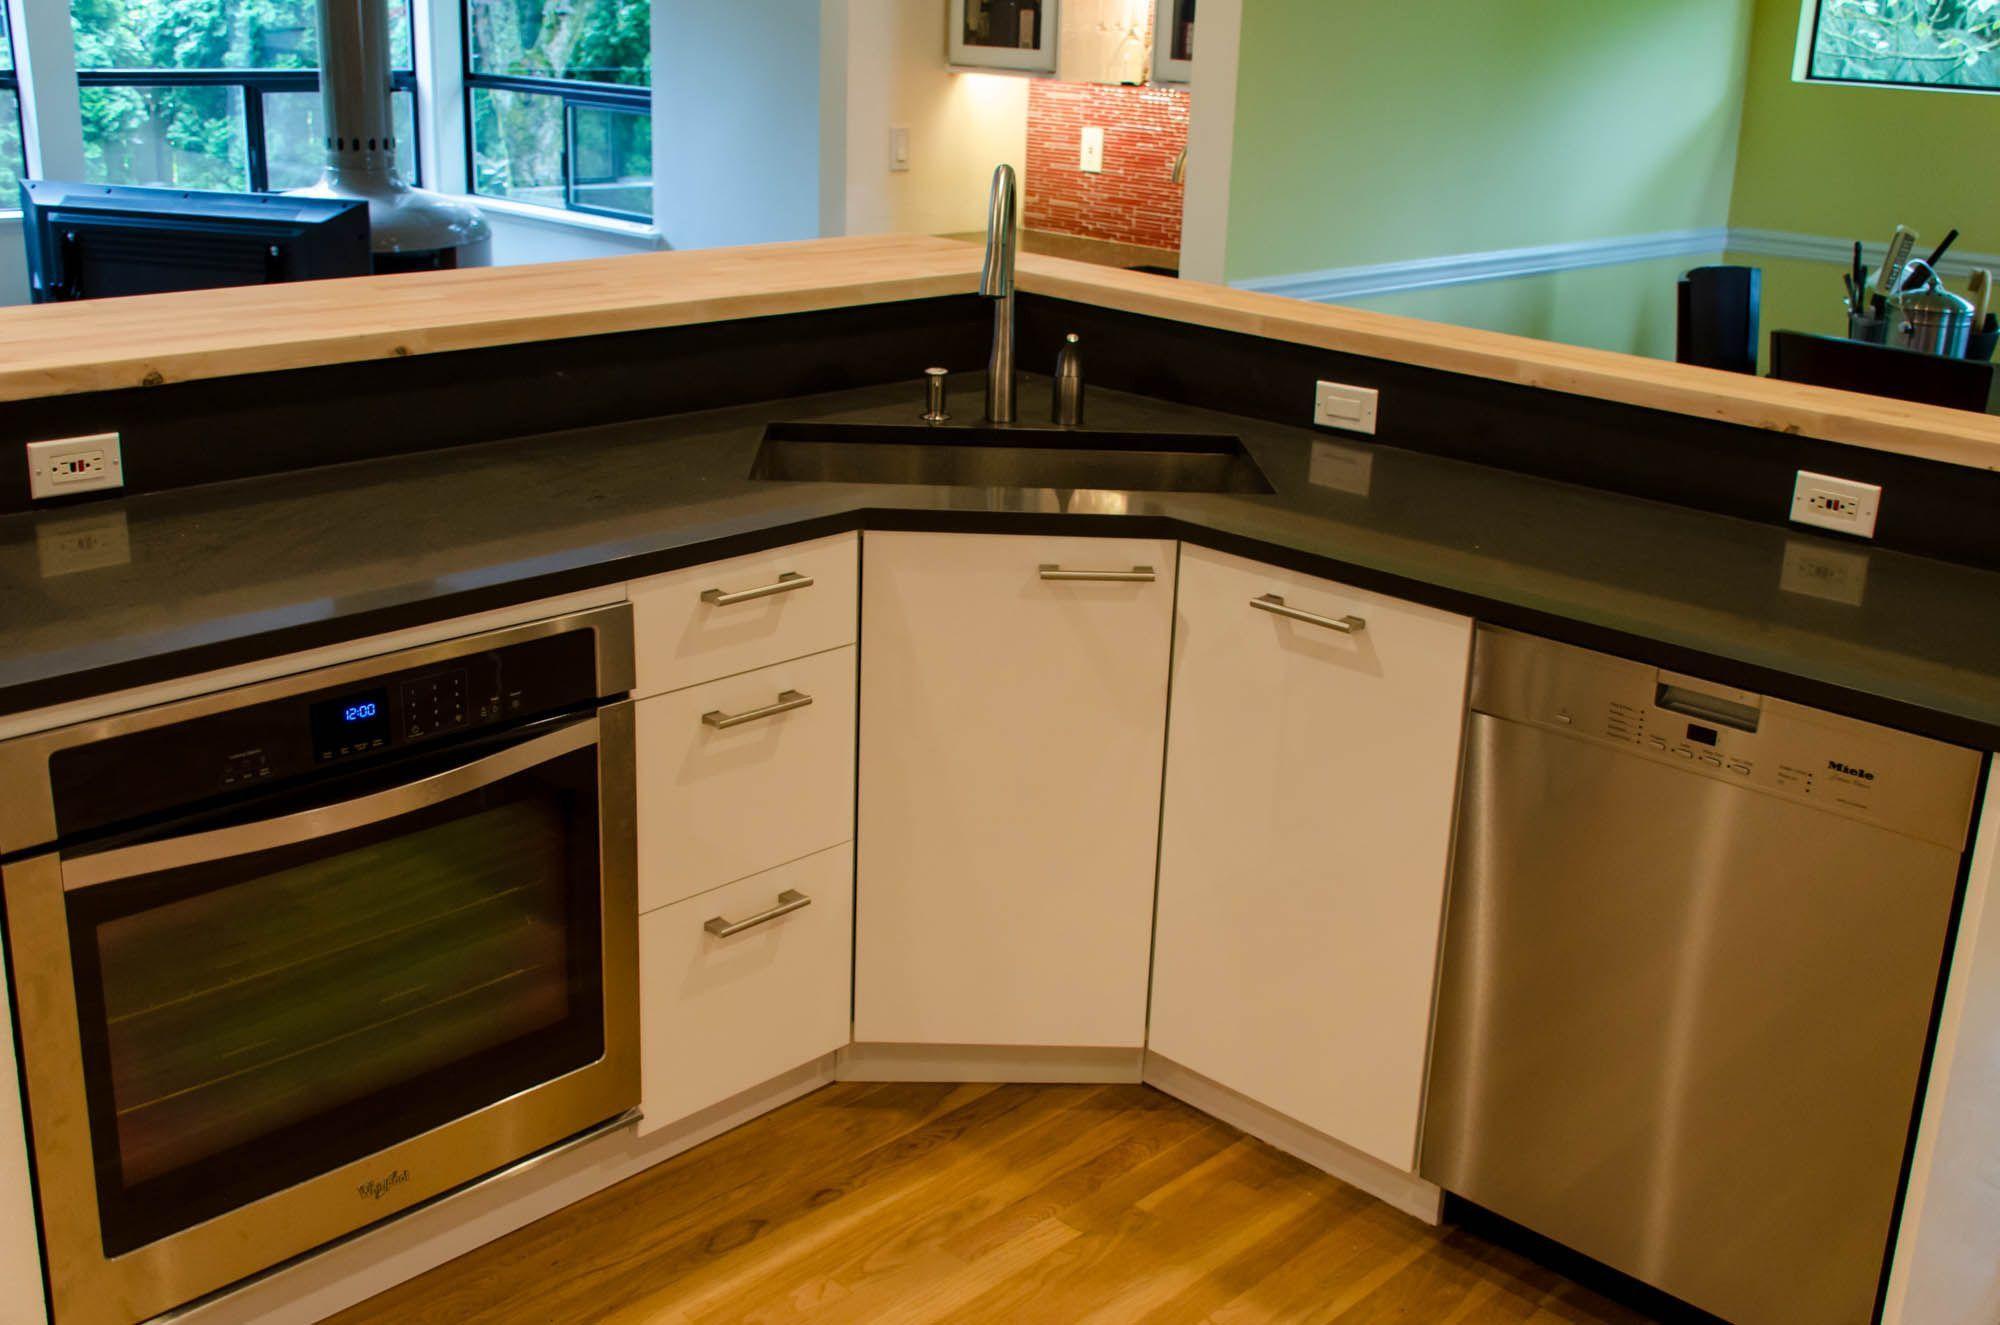 Corner Kitchen Sink Cabinet Design Ideas To Kitchen Cabinets Color Ideas Images In 2020 Corner Sink Kitchen Kitchen Sink Design Kitchen Cabinet Colors